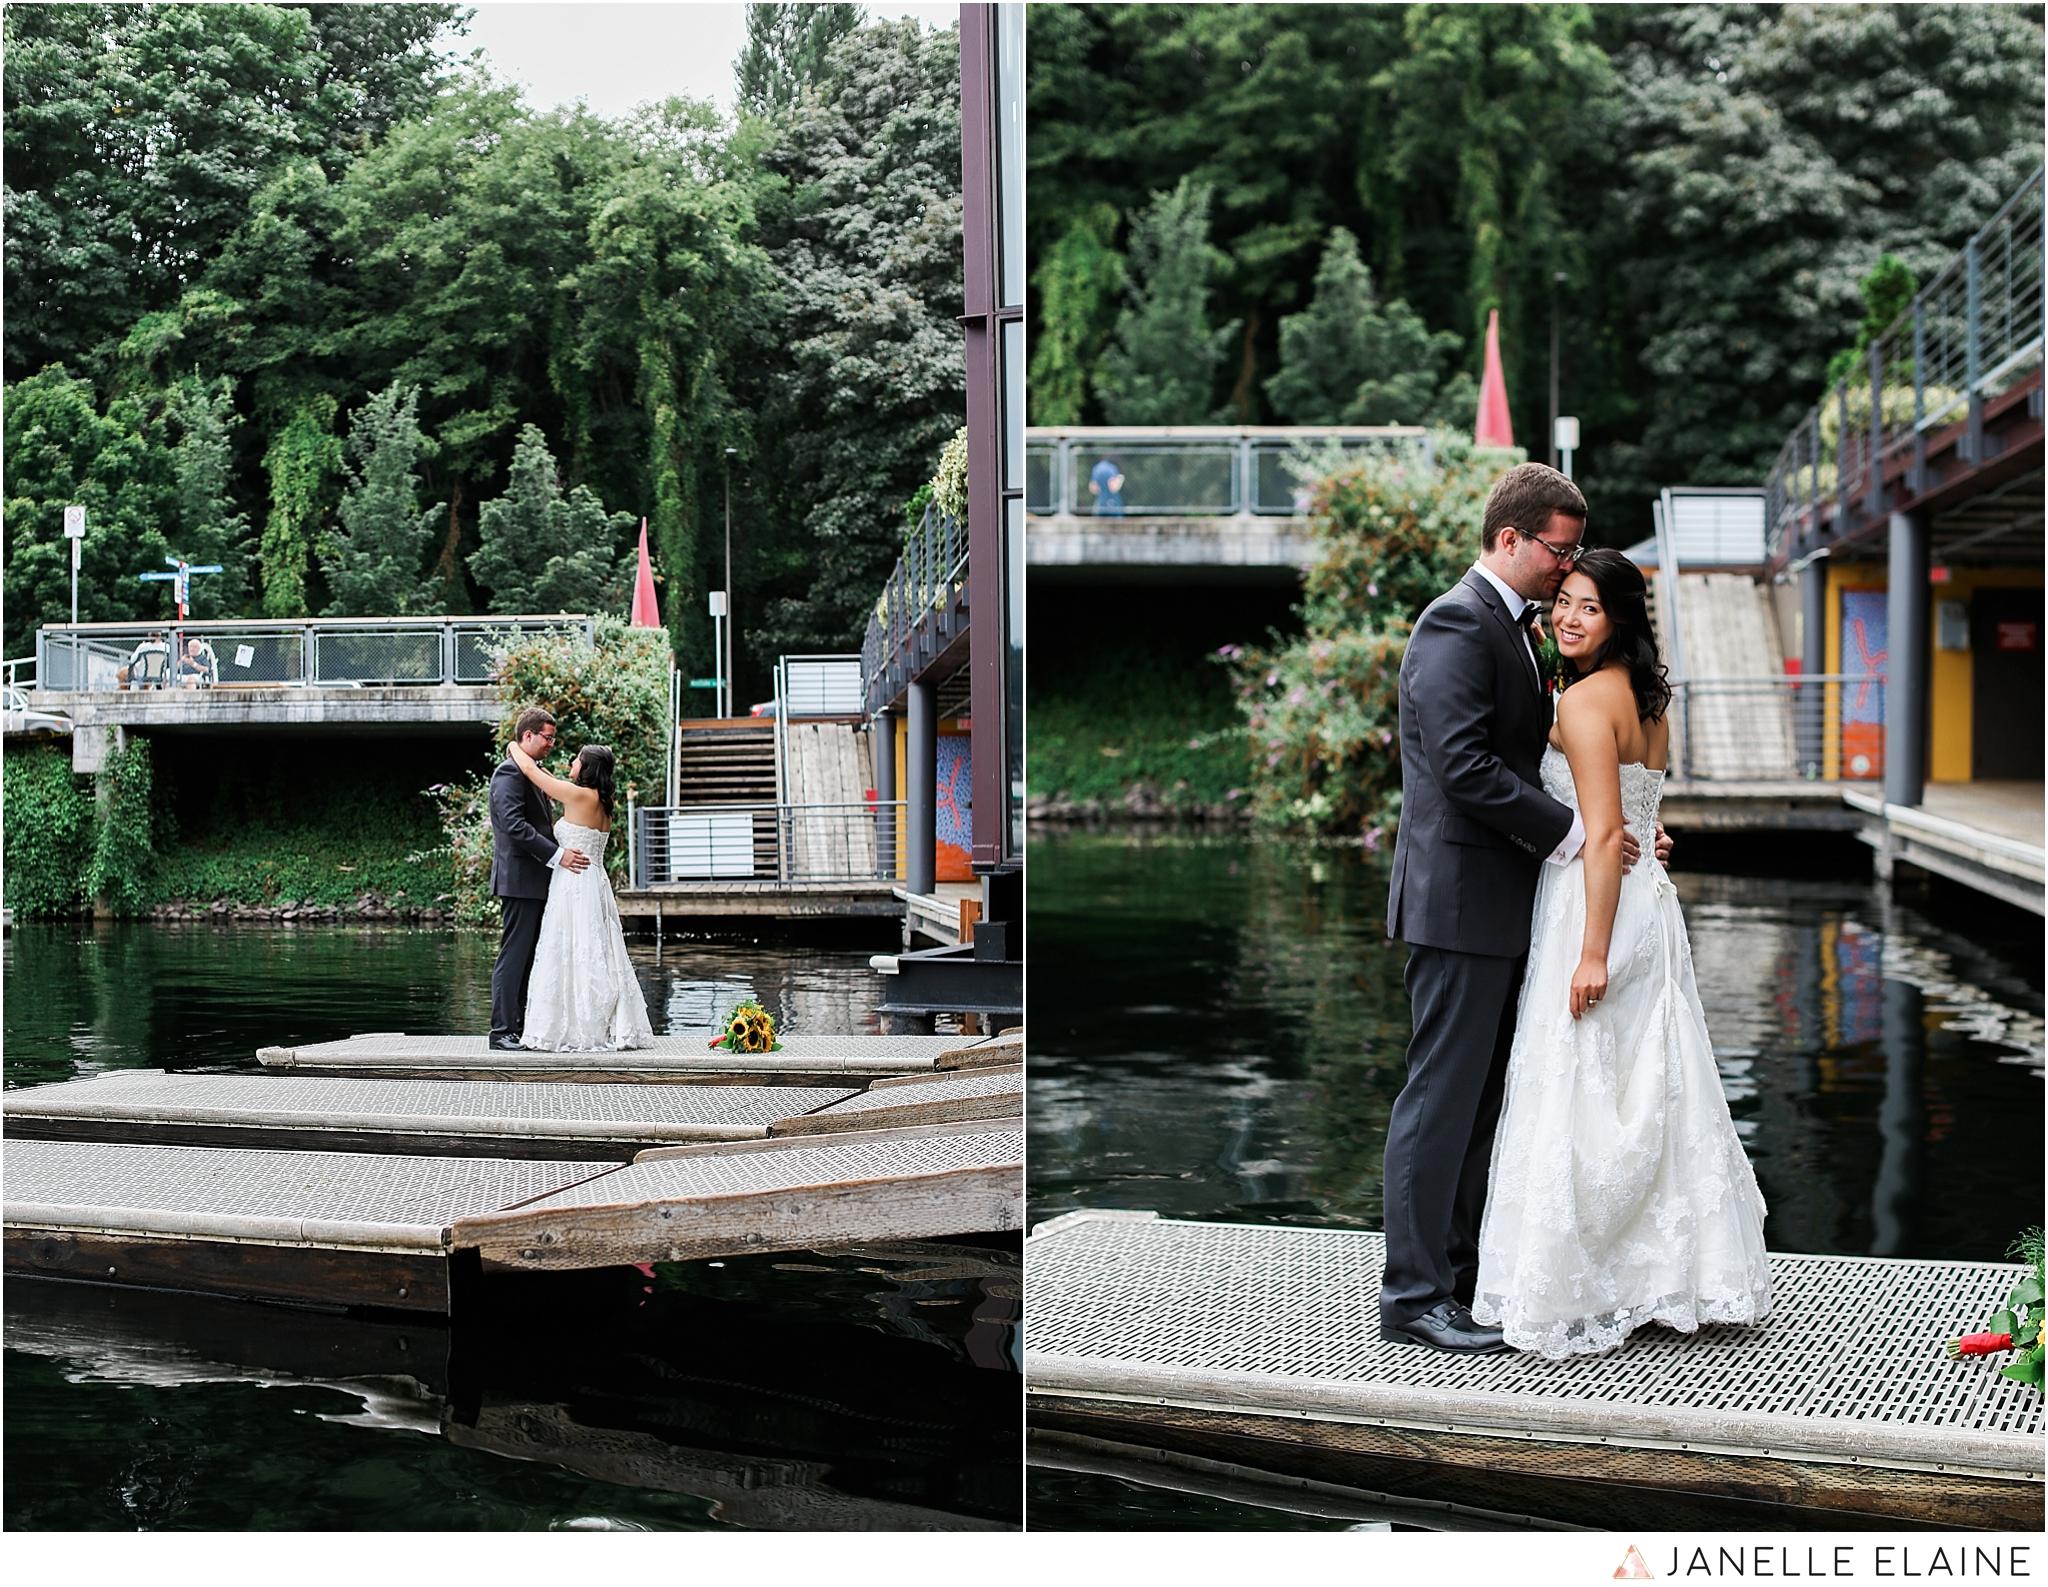 janelle elaine photography-professional wedding photographer seattle--86.jpg